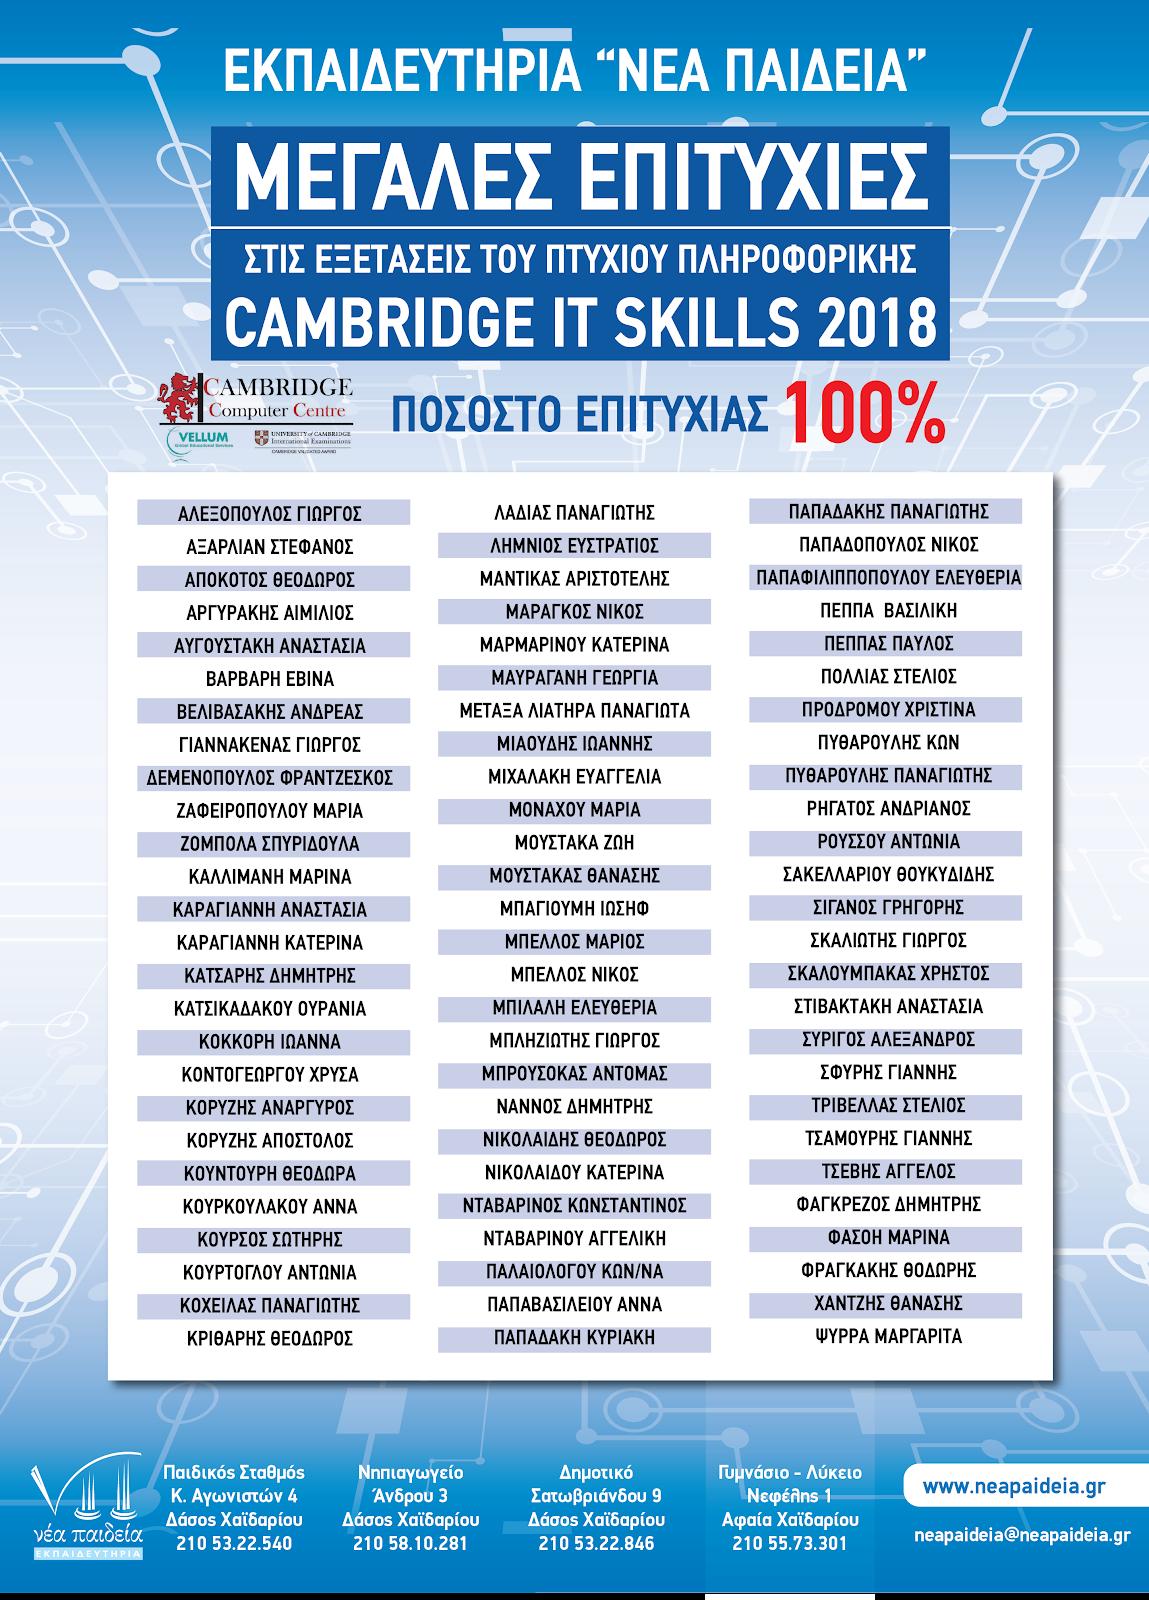 ΠΤΥΧΙΑ ΠΛΗΡΟΦΟΡΙΚΗΣ CAMBRIDGE IT SKILLS 2018